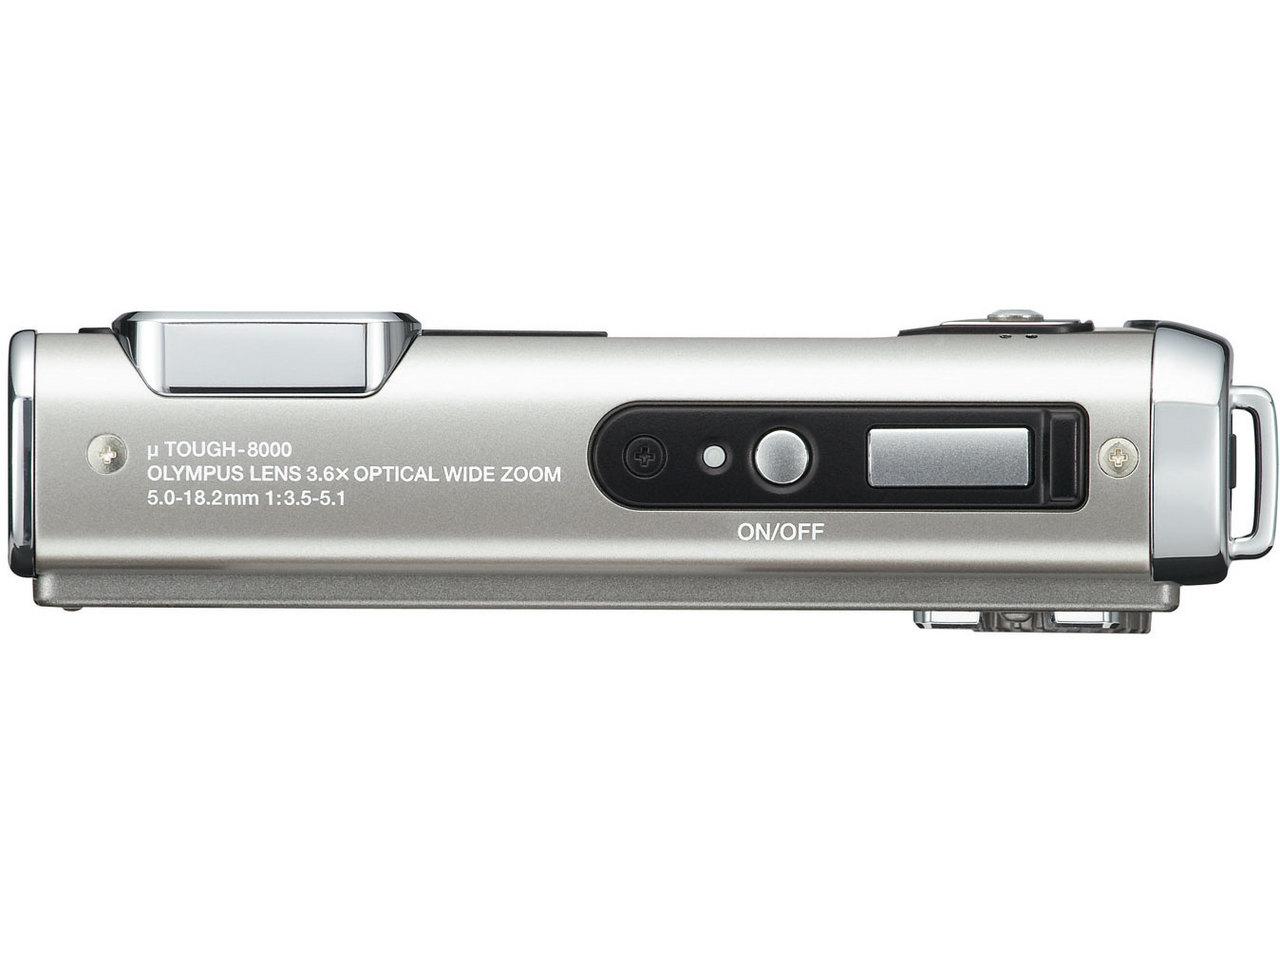 『本体 上面』 μ TOUGH-8000 の製品画像